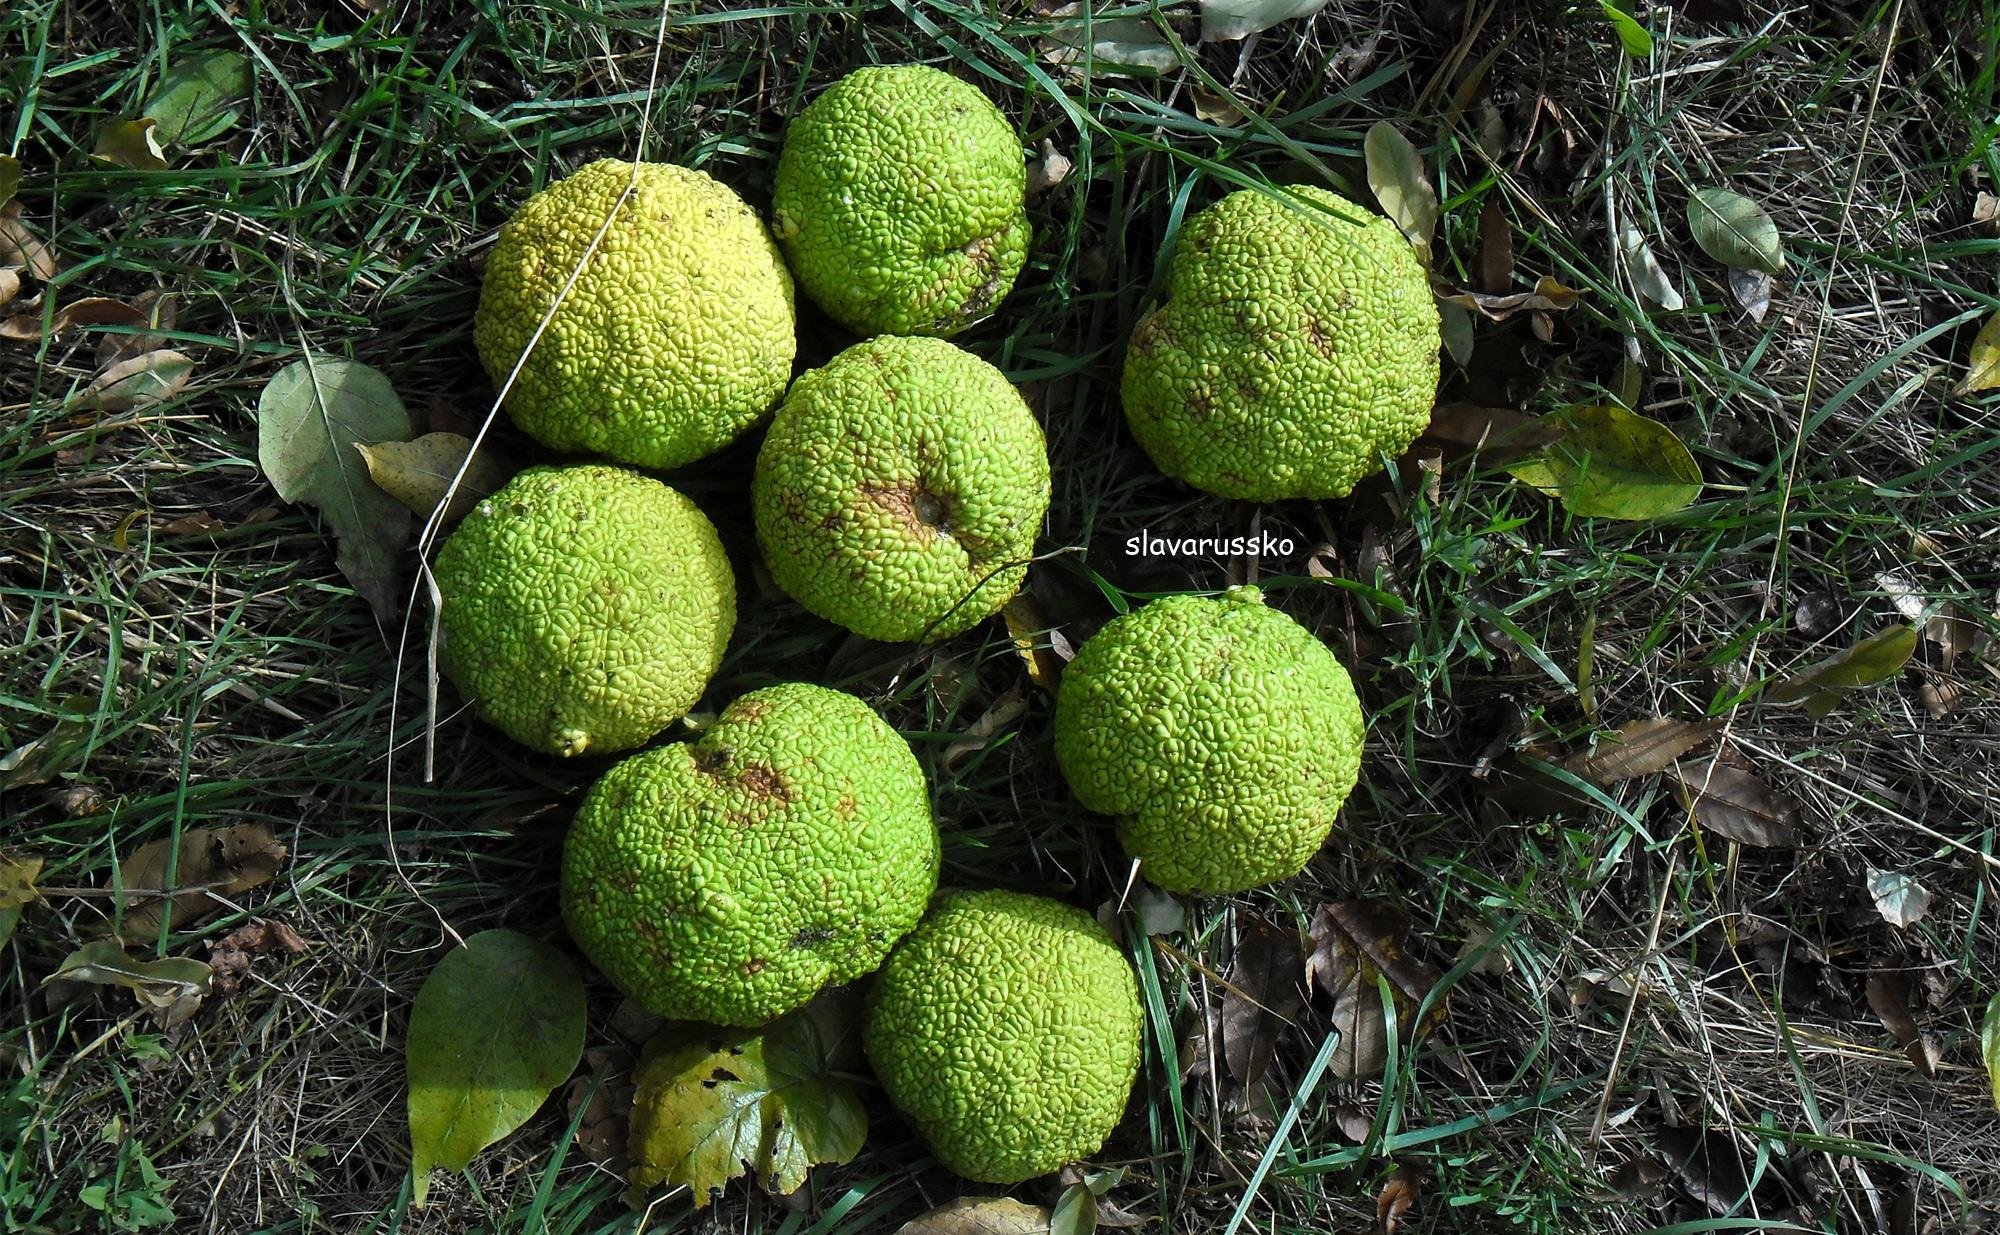 нас собраны дерево адамово яблоко фото фотографию сайт, нажав